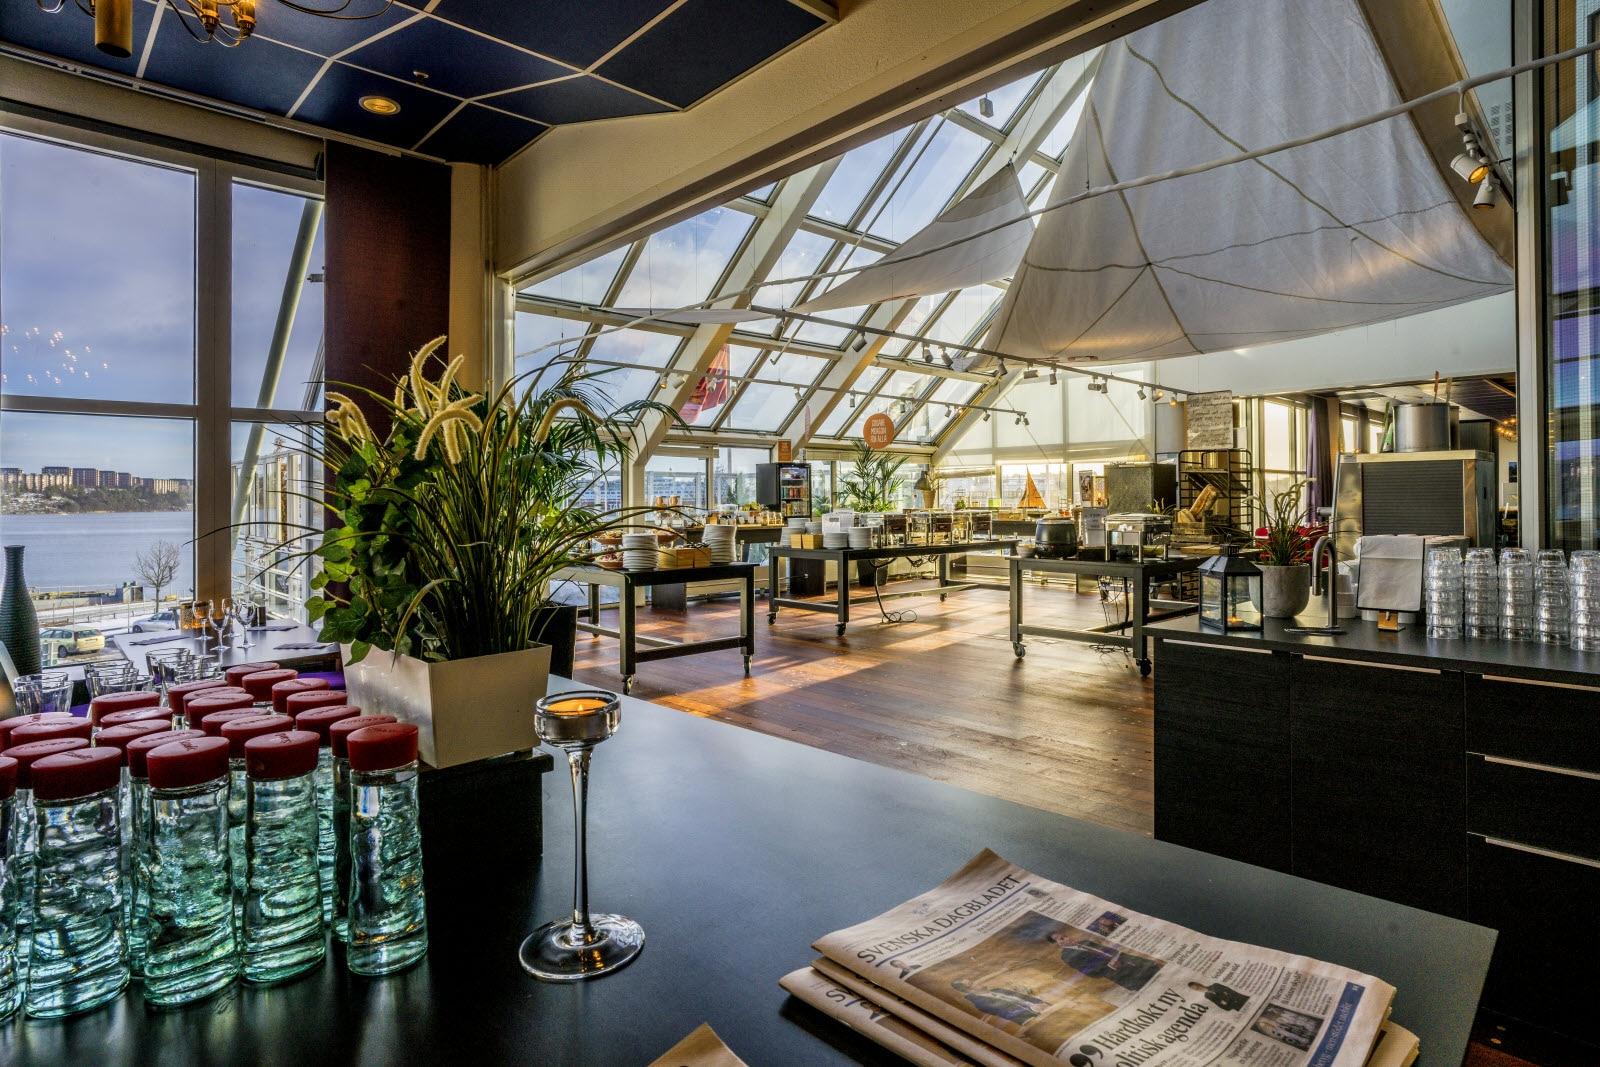 Scandic ariadne hotel stockholm scandic hotels for Hotel stockholm